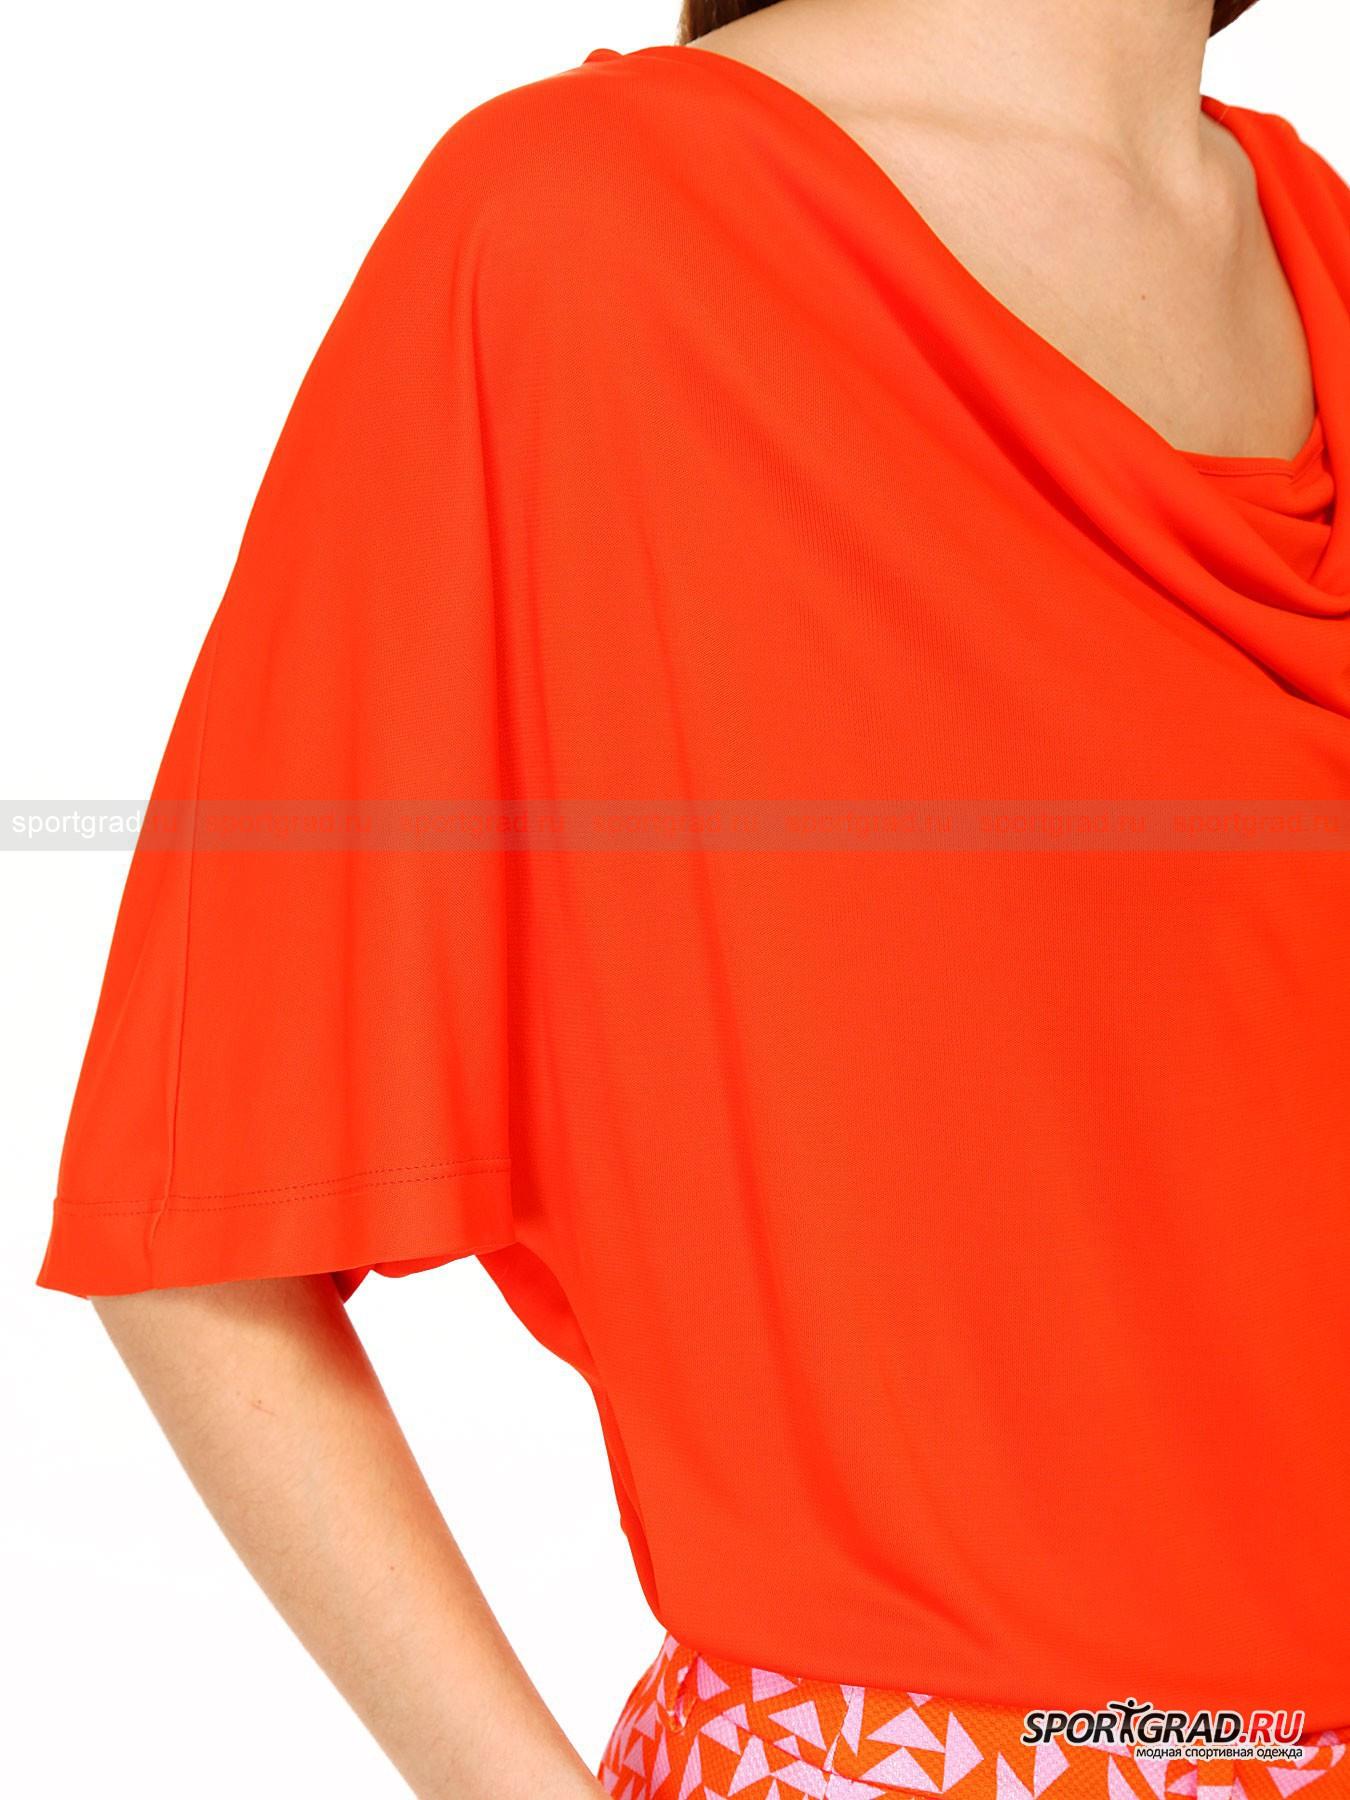 Блуза женская ICEBERG от Спортград